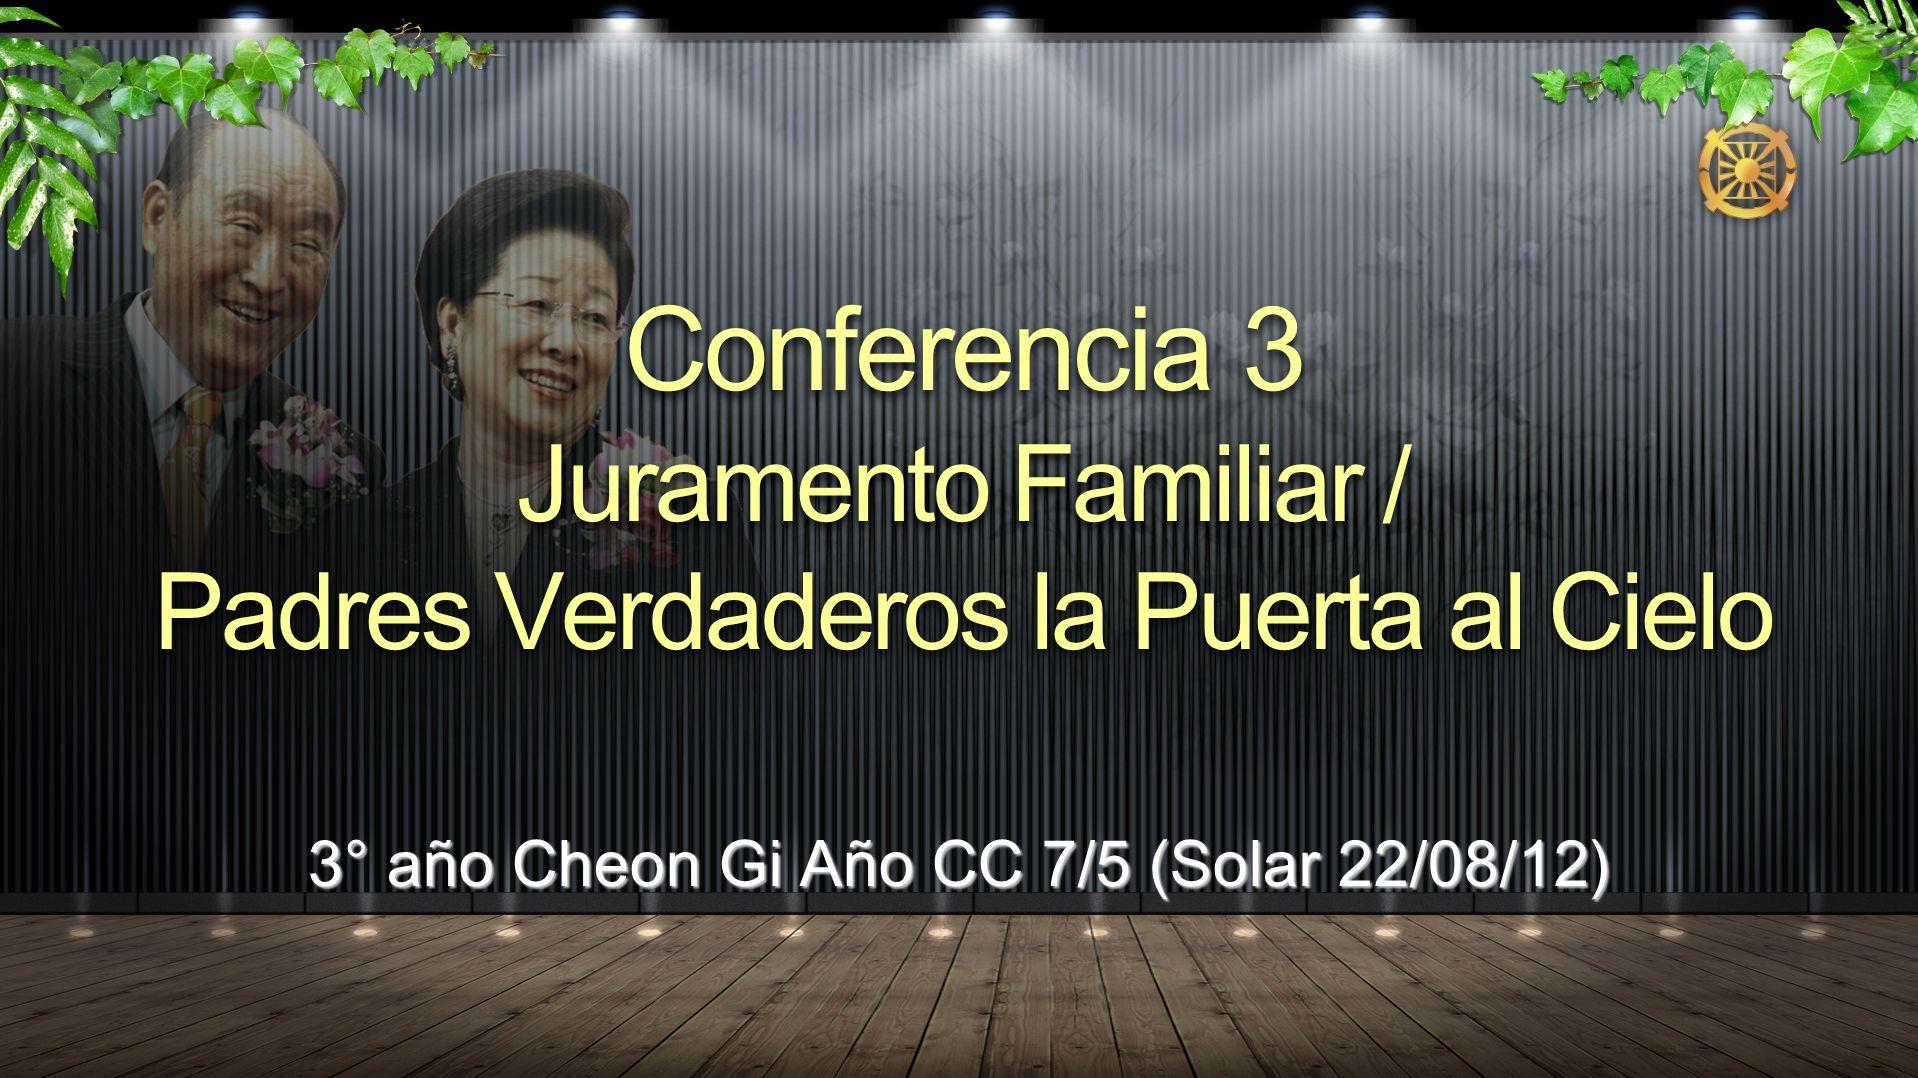 3° año Cheon Gi Año CC 7/5 (Solar 22/08/12) Conferencia 3 Juramento Familiar / Padres Verdaderos la Puerta al Cielo